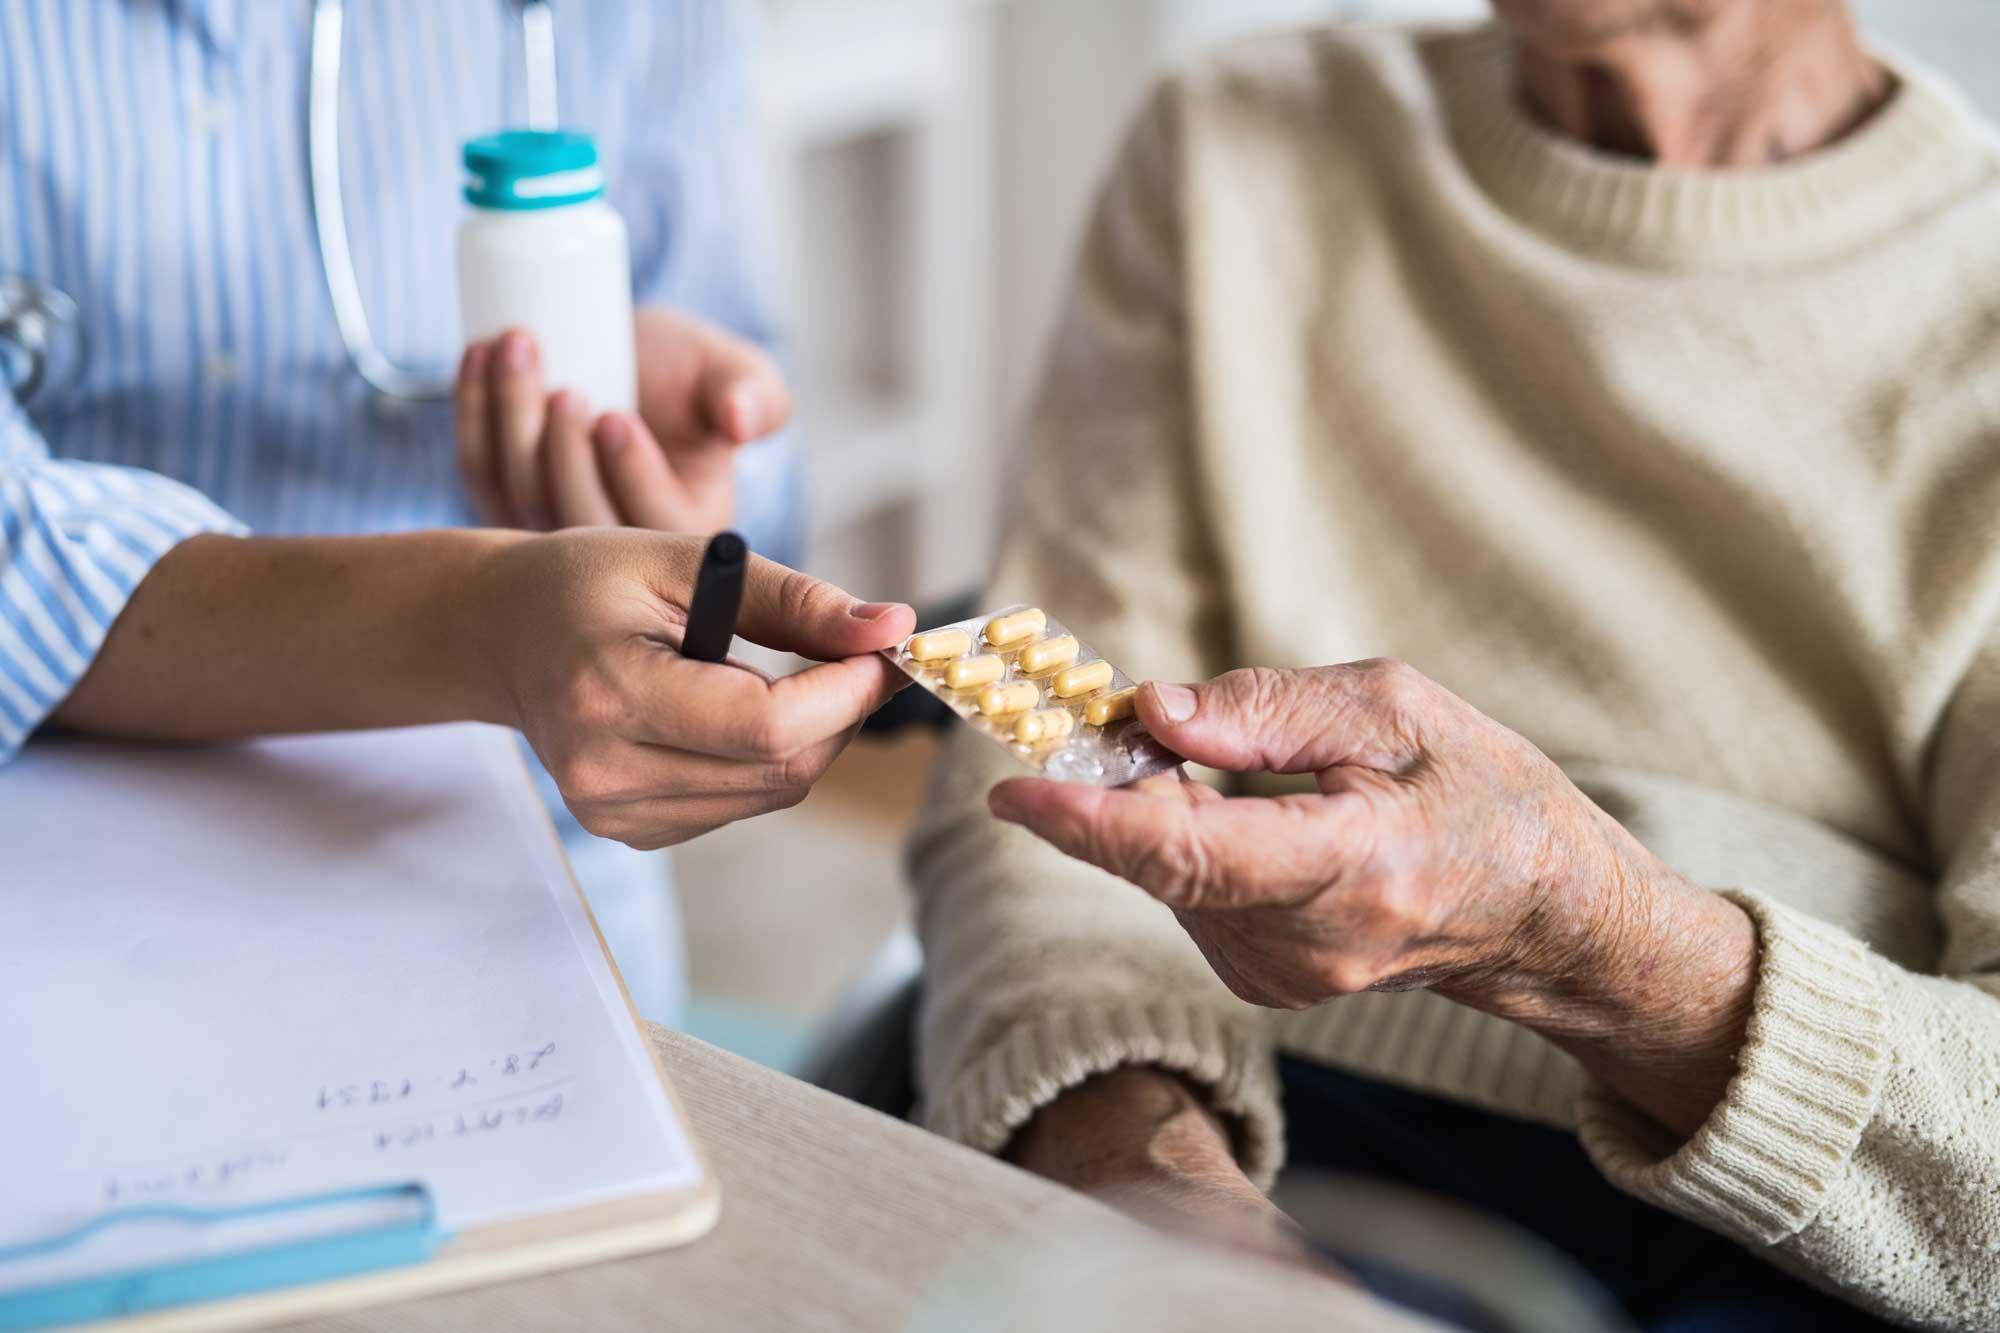 plh-medication